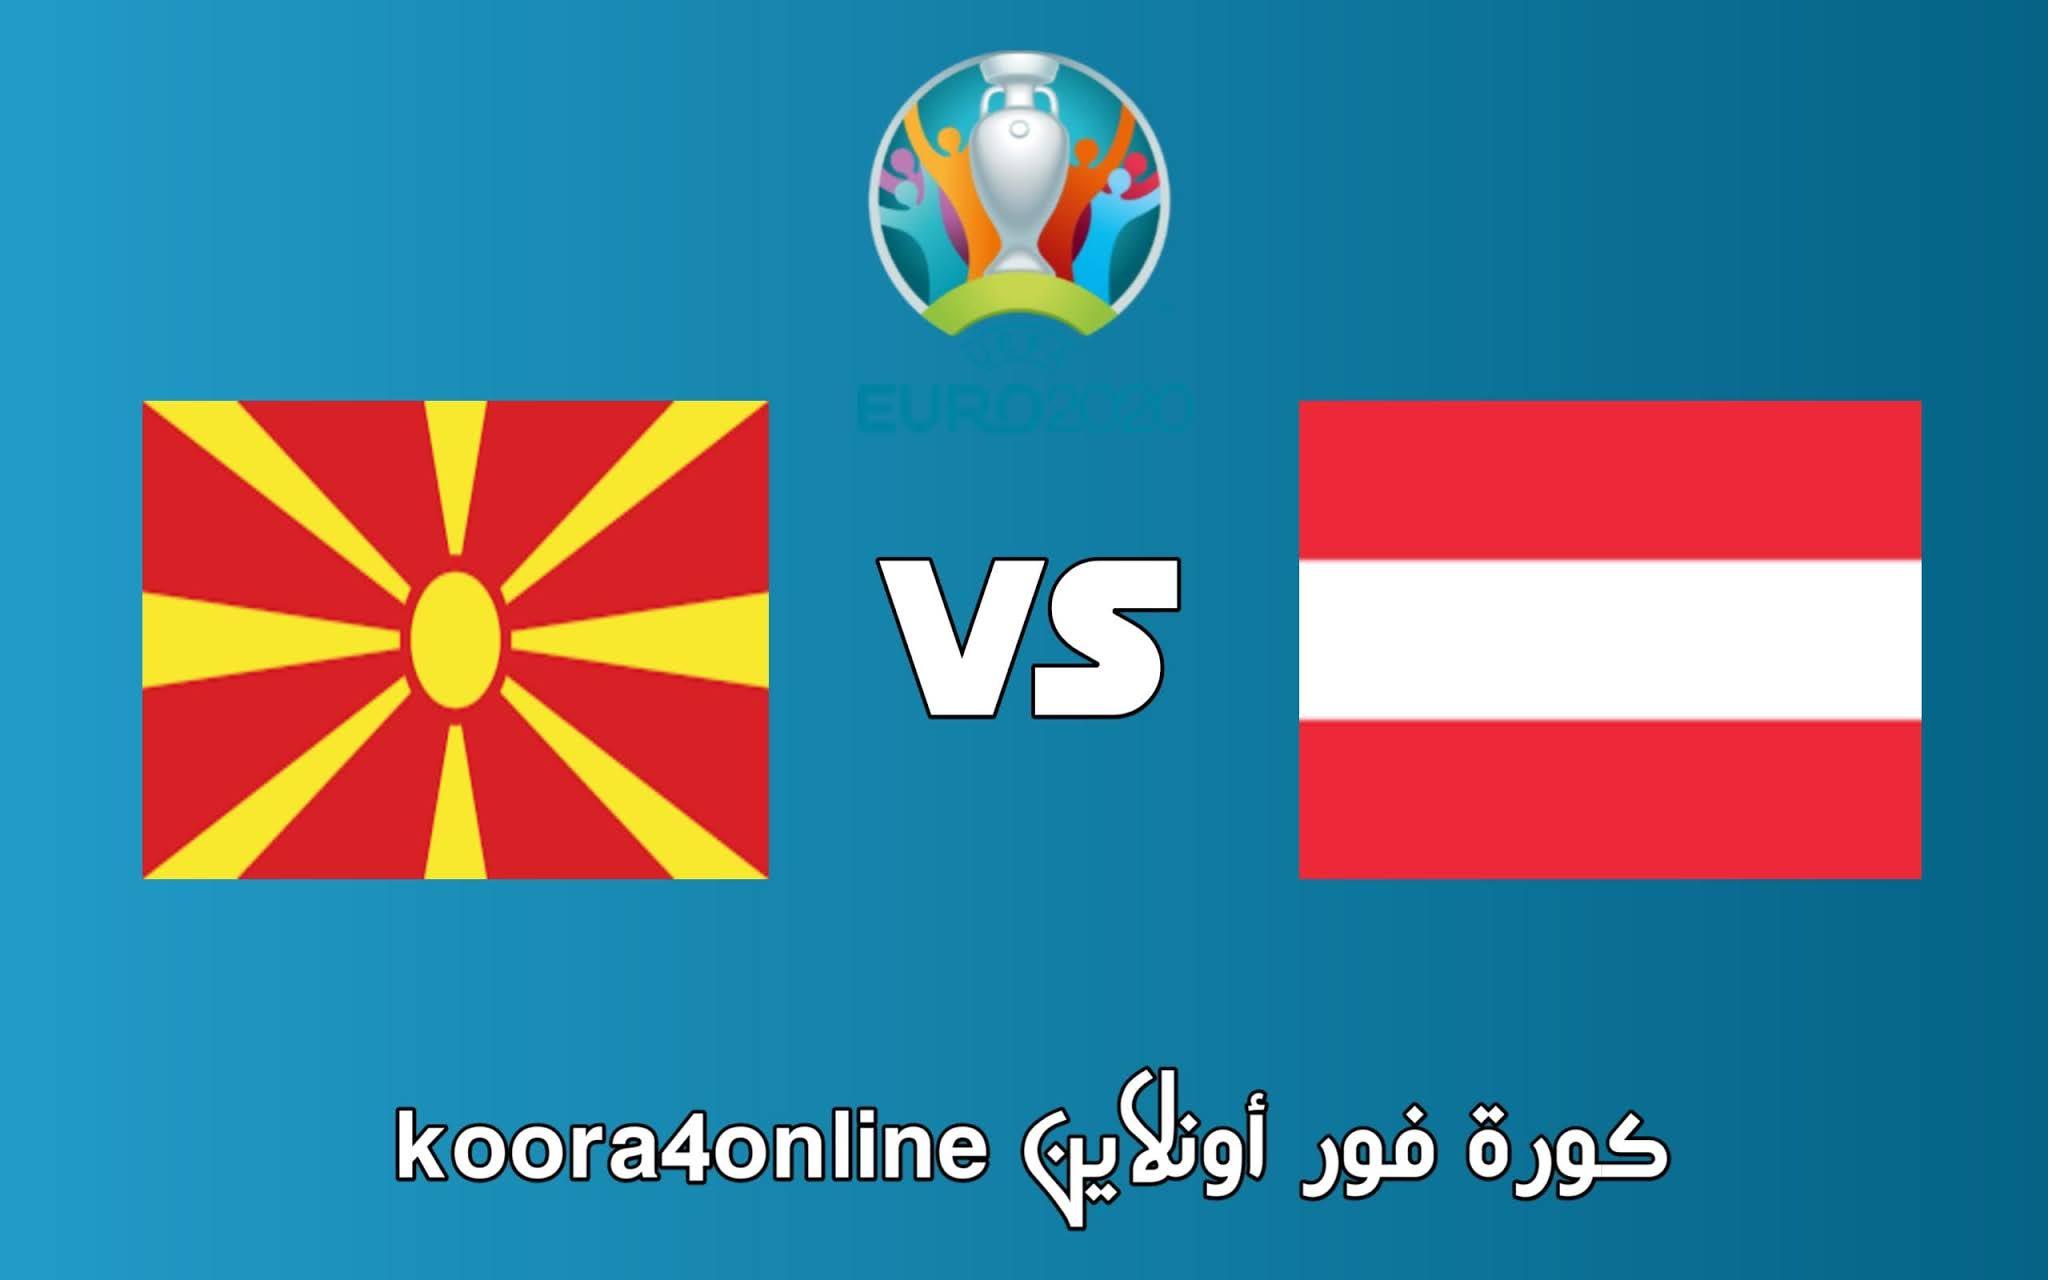 مشاهدة مباراة النمسا و مقدونيا الشمالية اليوم 13-06-2021 في  كأس أمم أوروبا